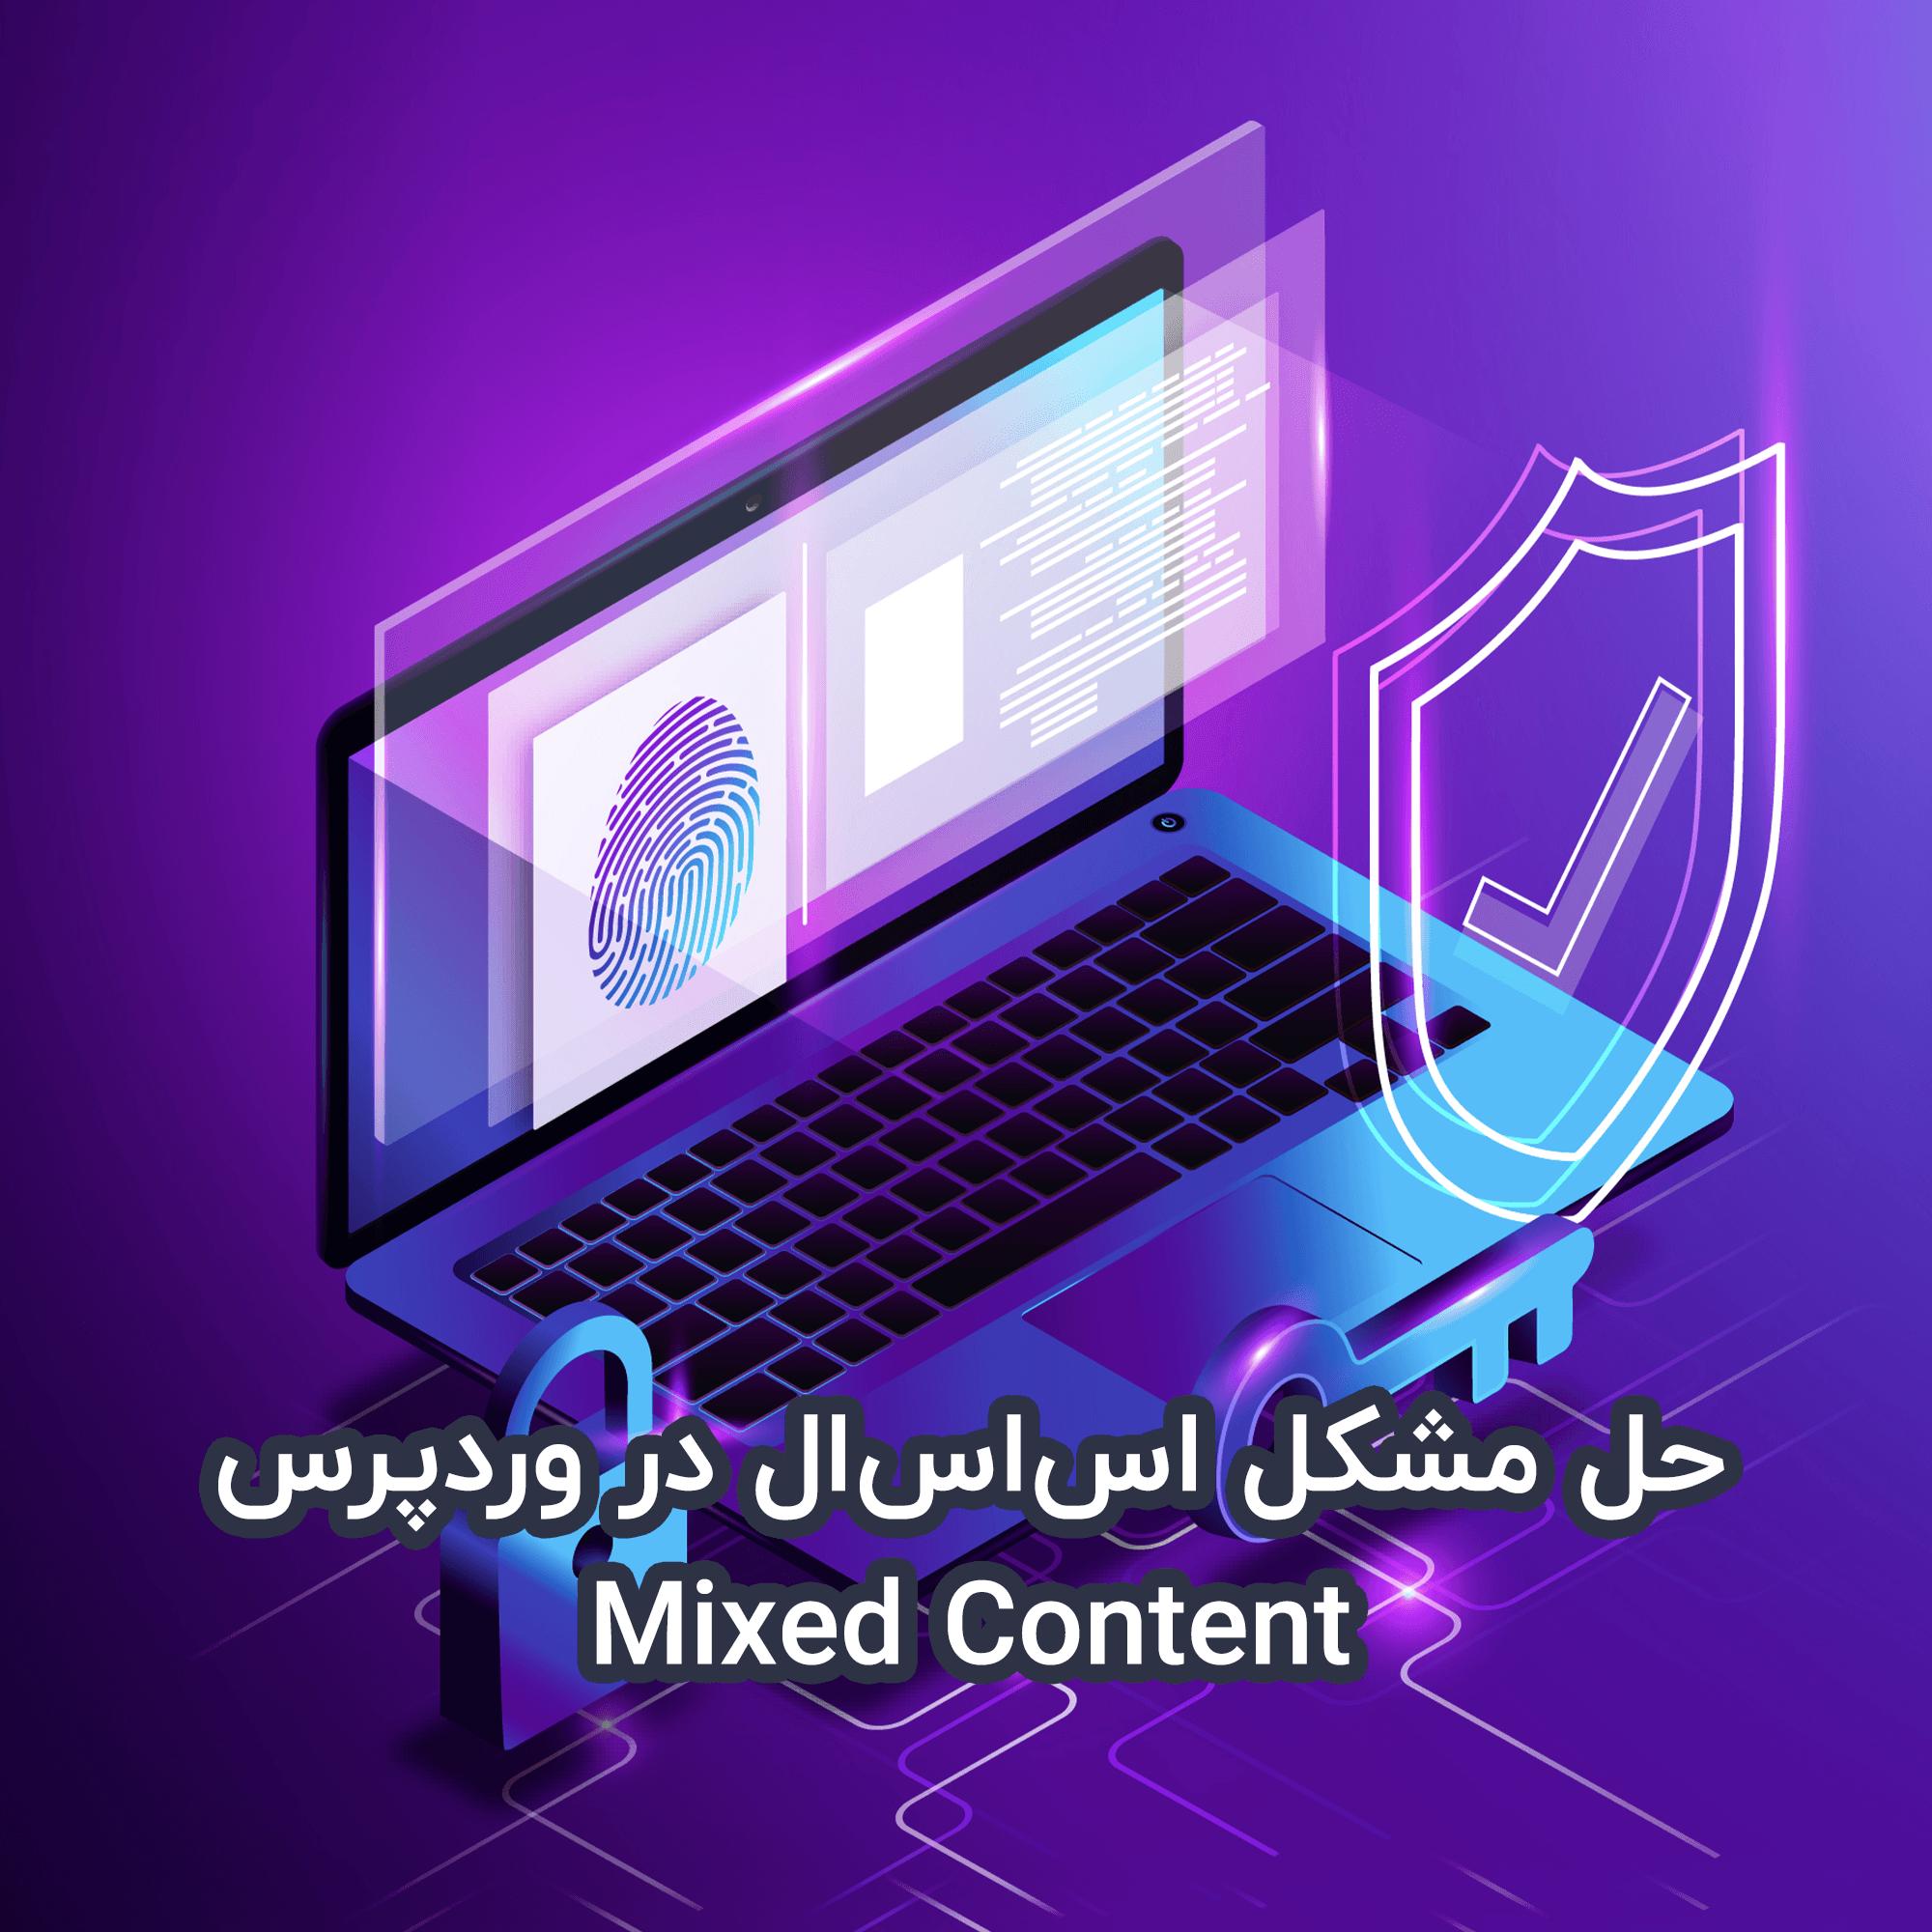 خطای Mixed Content – Your Connection is not secure و روش حل آن